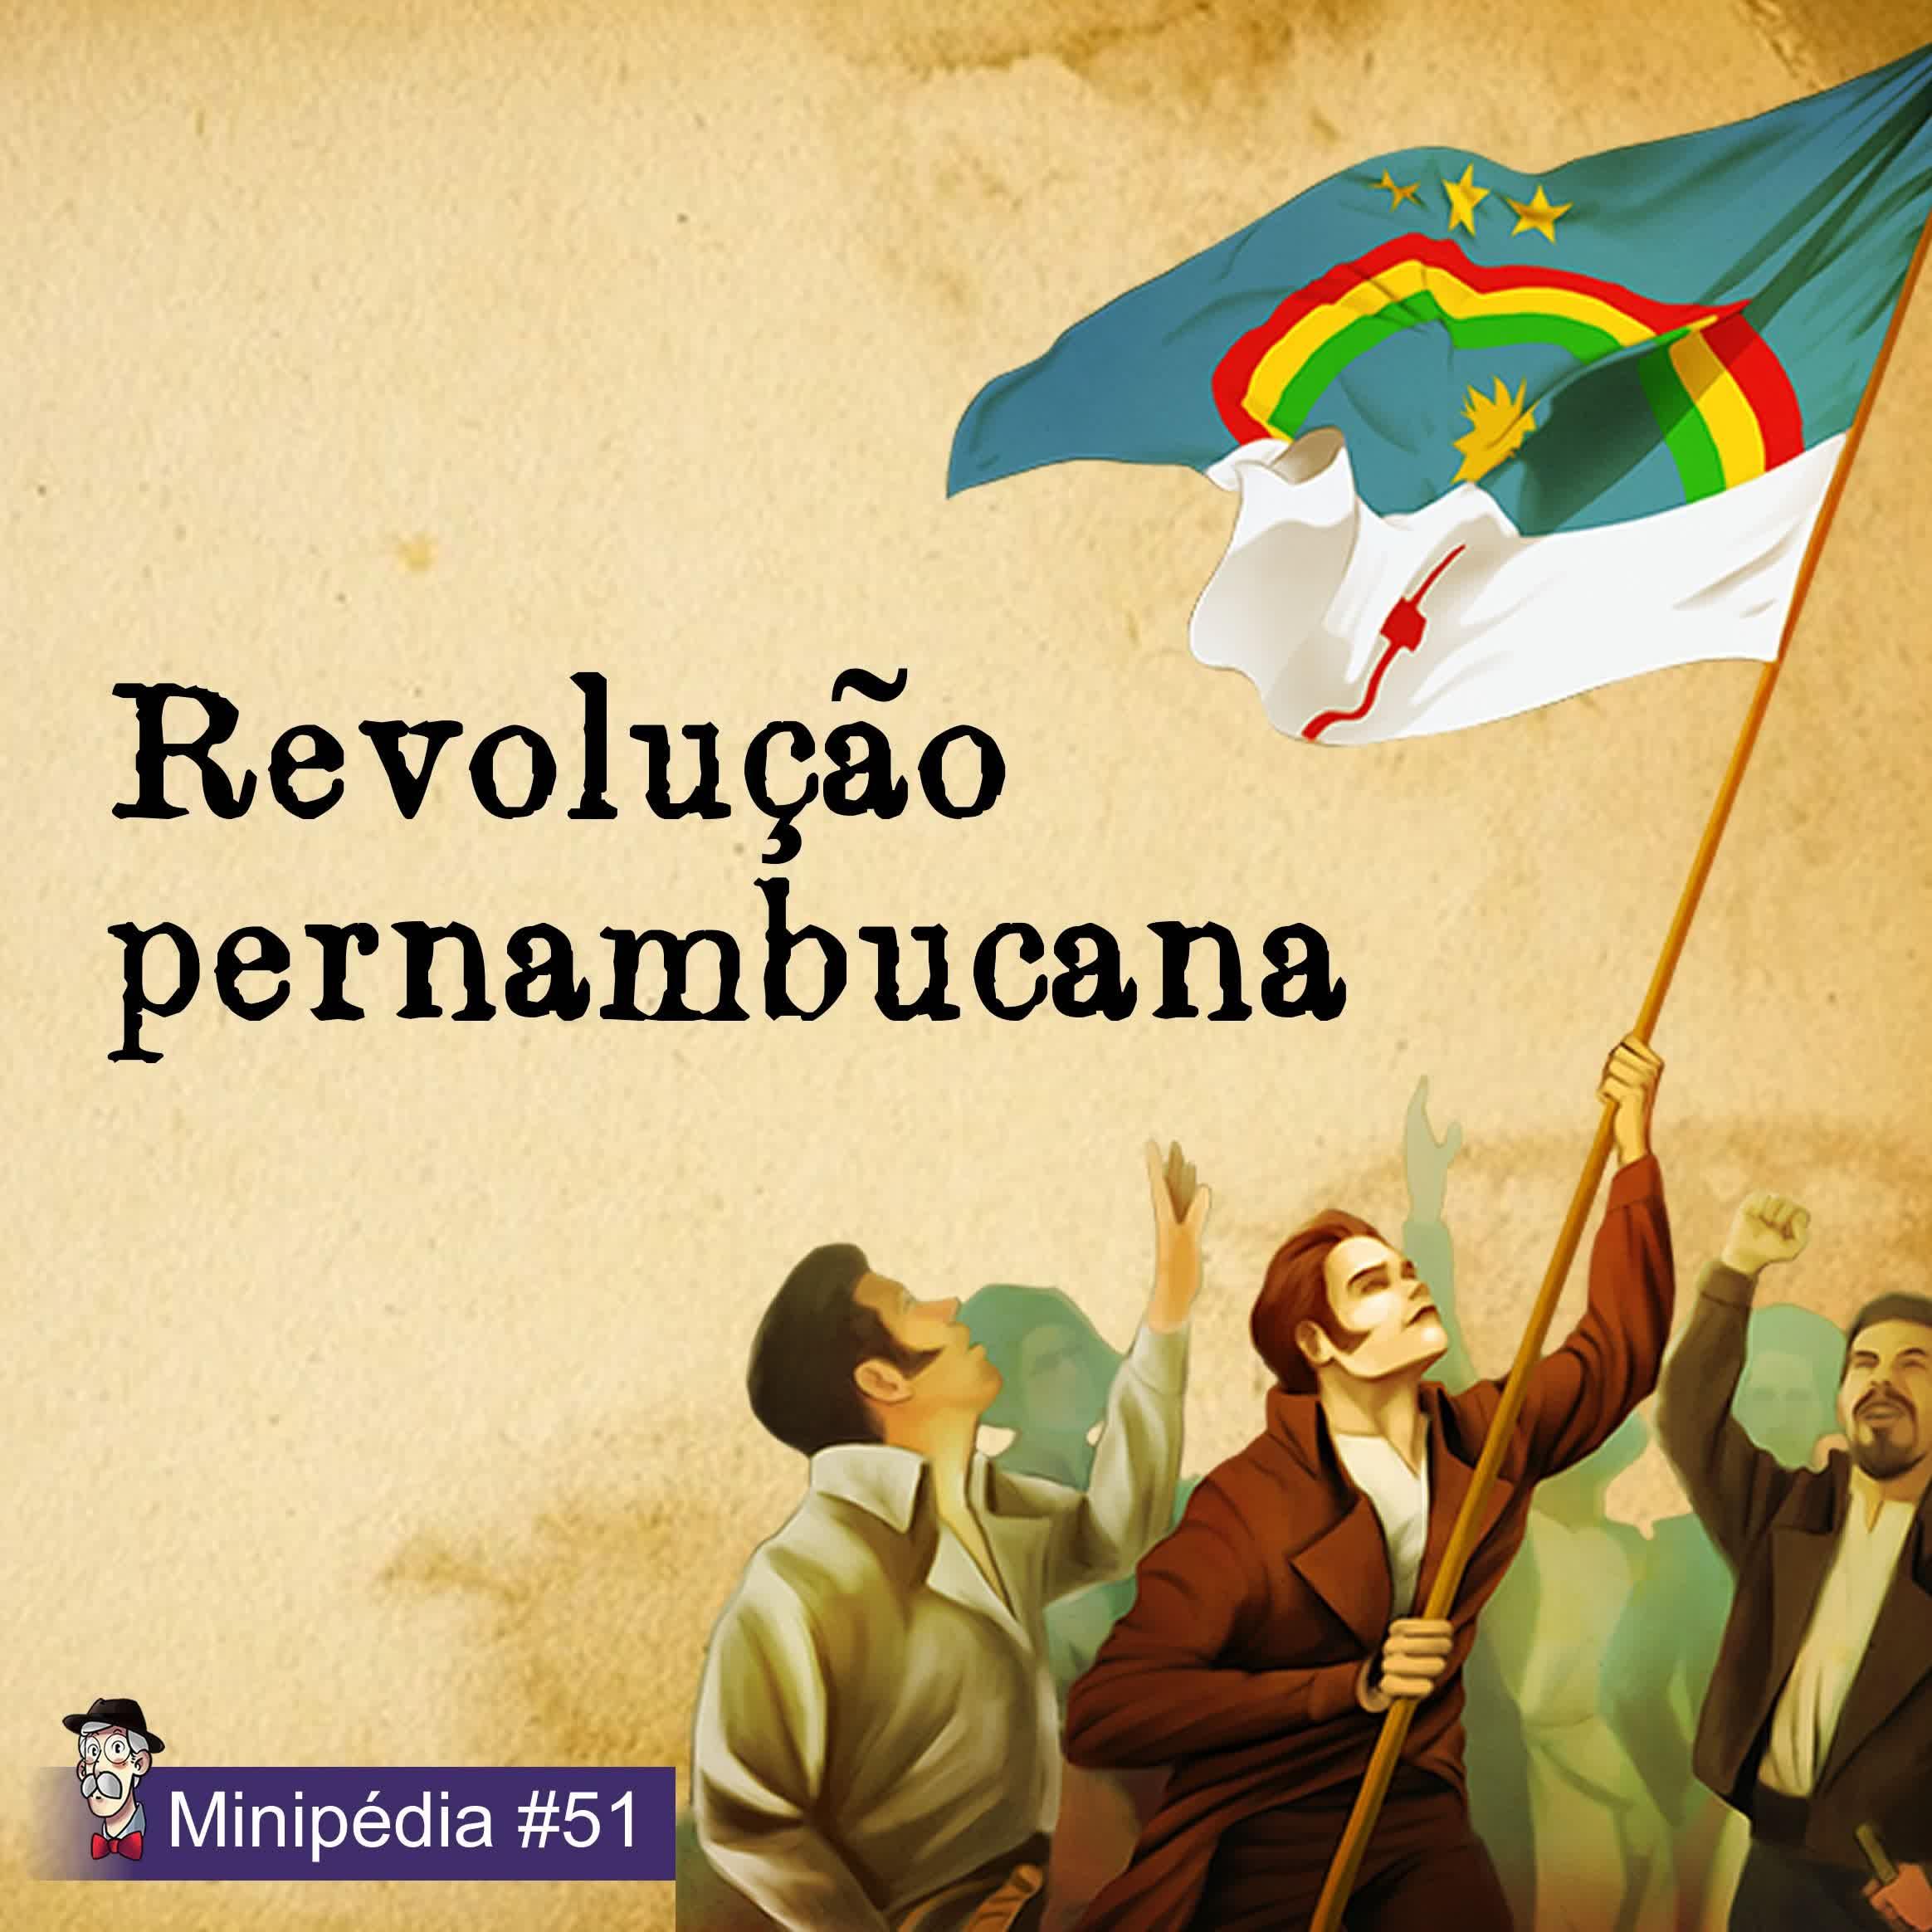 [Minipédia] Revolução pernambucana